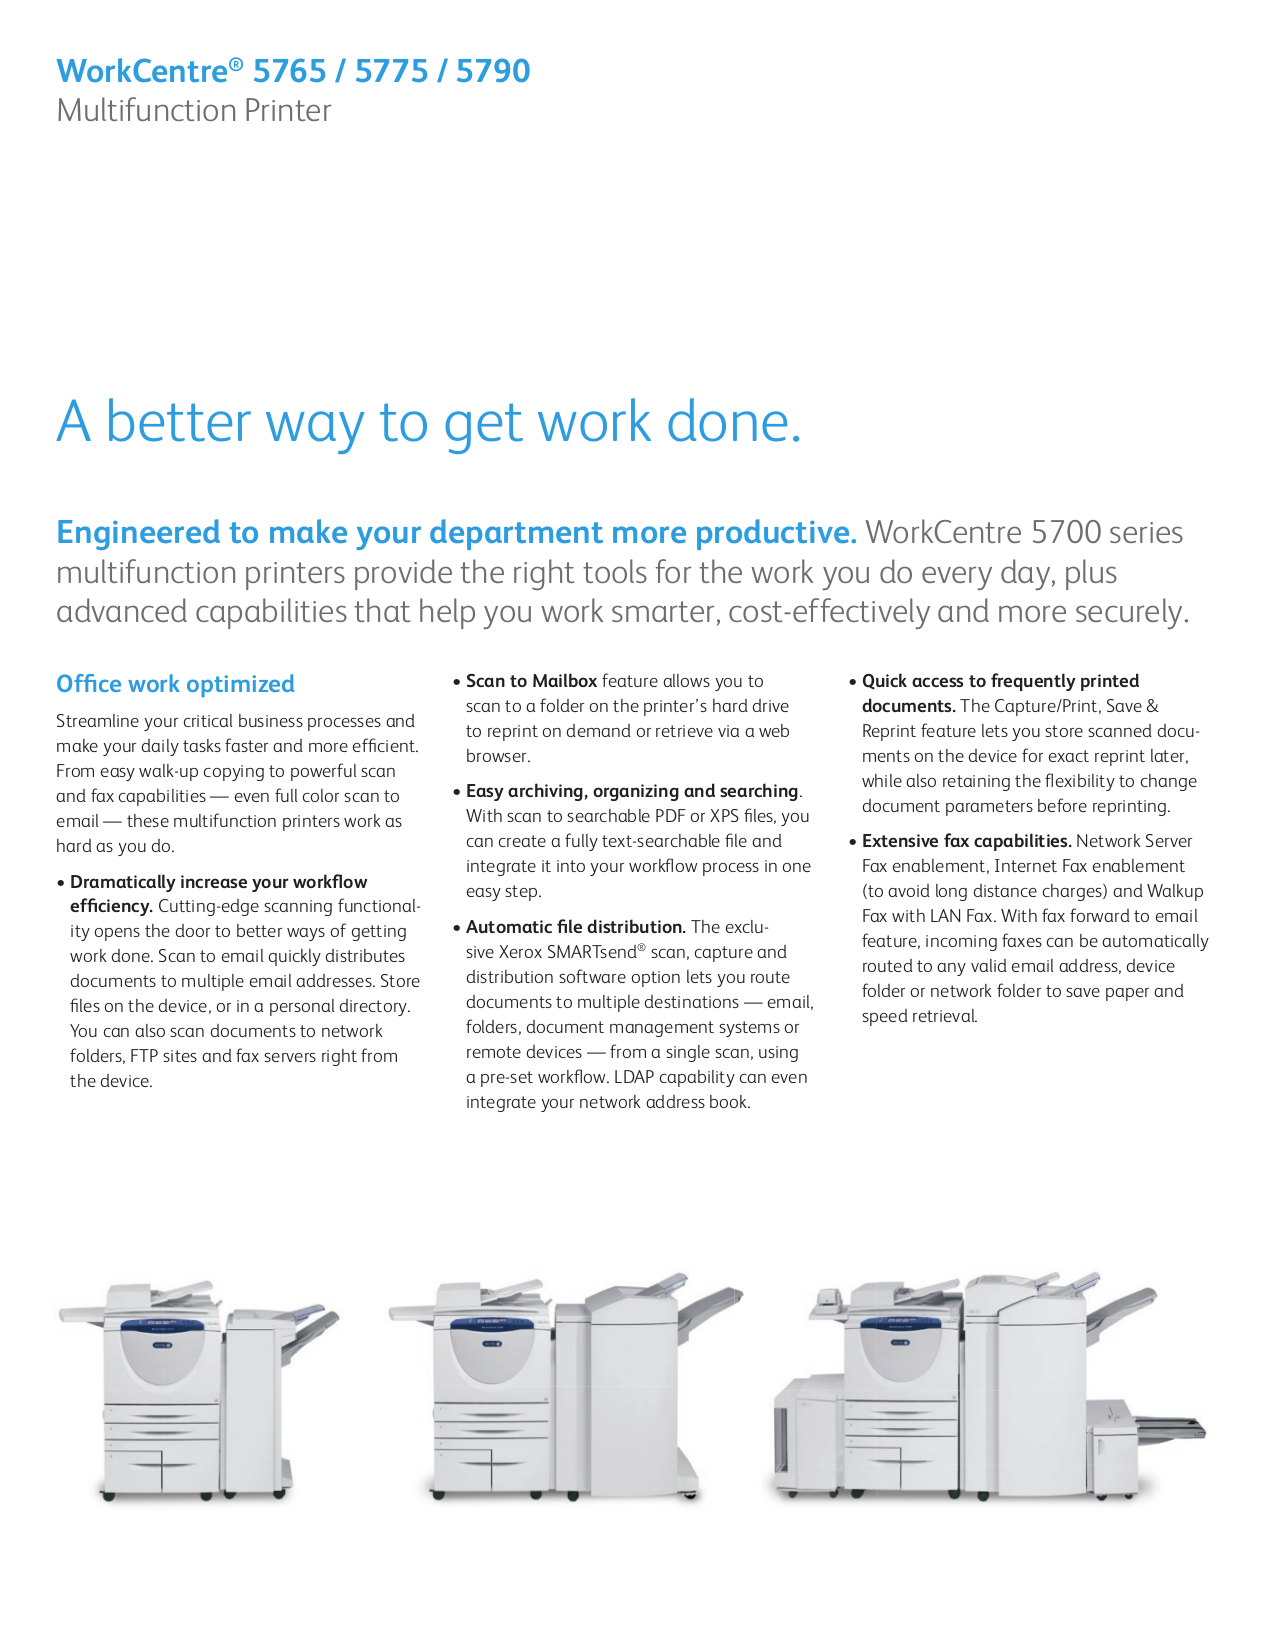 PDF manual for Xerox Copier DocuColor 5765